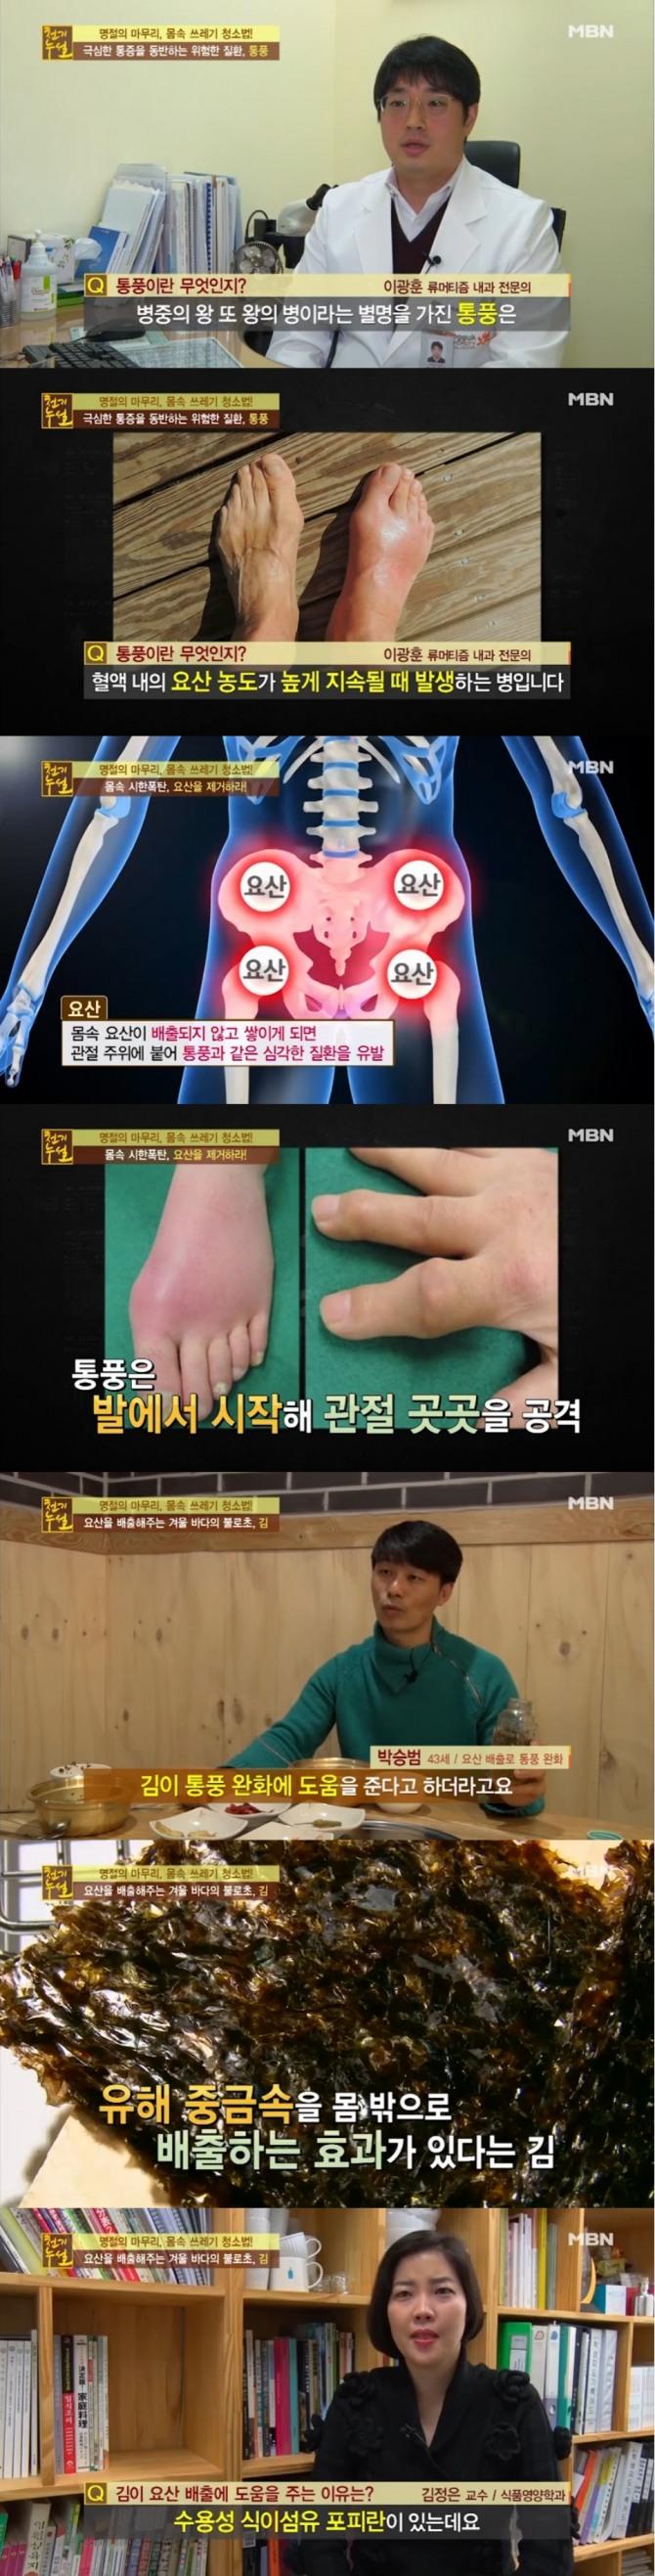 18일 밤 방송된 MBN '천기누설'에서는 '몸속 쓰레기 청소법' 특집으로 요산이 통풍의 원인이 되며 김이 요산을 몸밖으로 배출하는데 탁월한 효과가 있는 것으로 밝혀졌다. 사진=MBN 방송 캡처